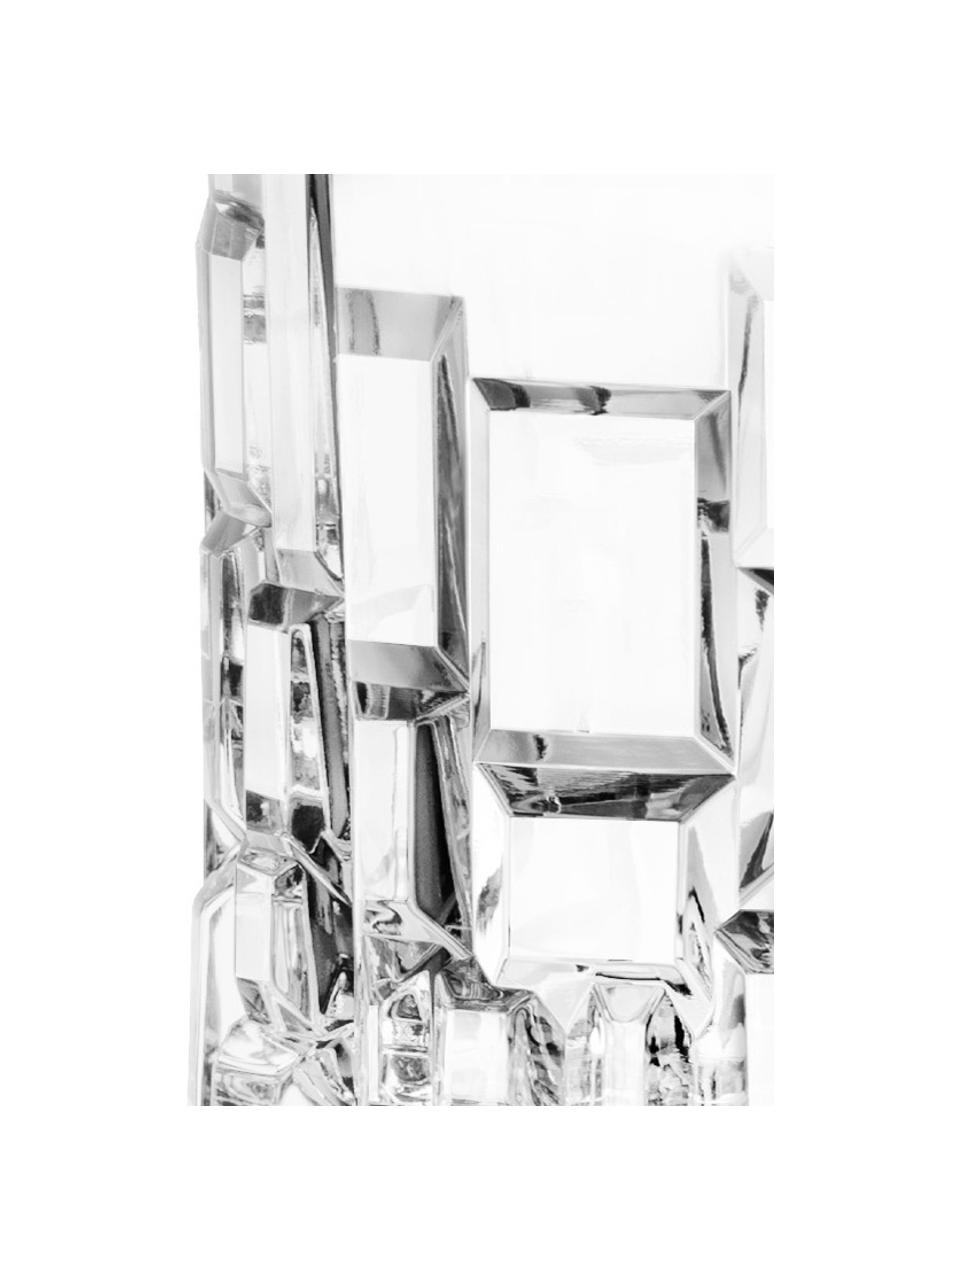 Szklanka ze szkła kryształowego Etna, 6 szt., Szkło kryształowe, Transparentny, Ø 8 x W 9 cm